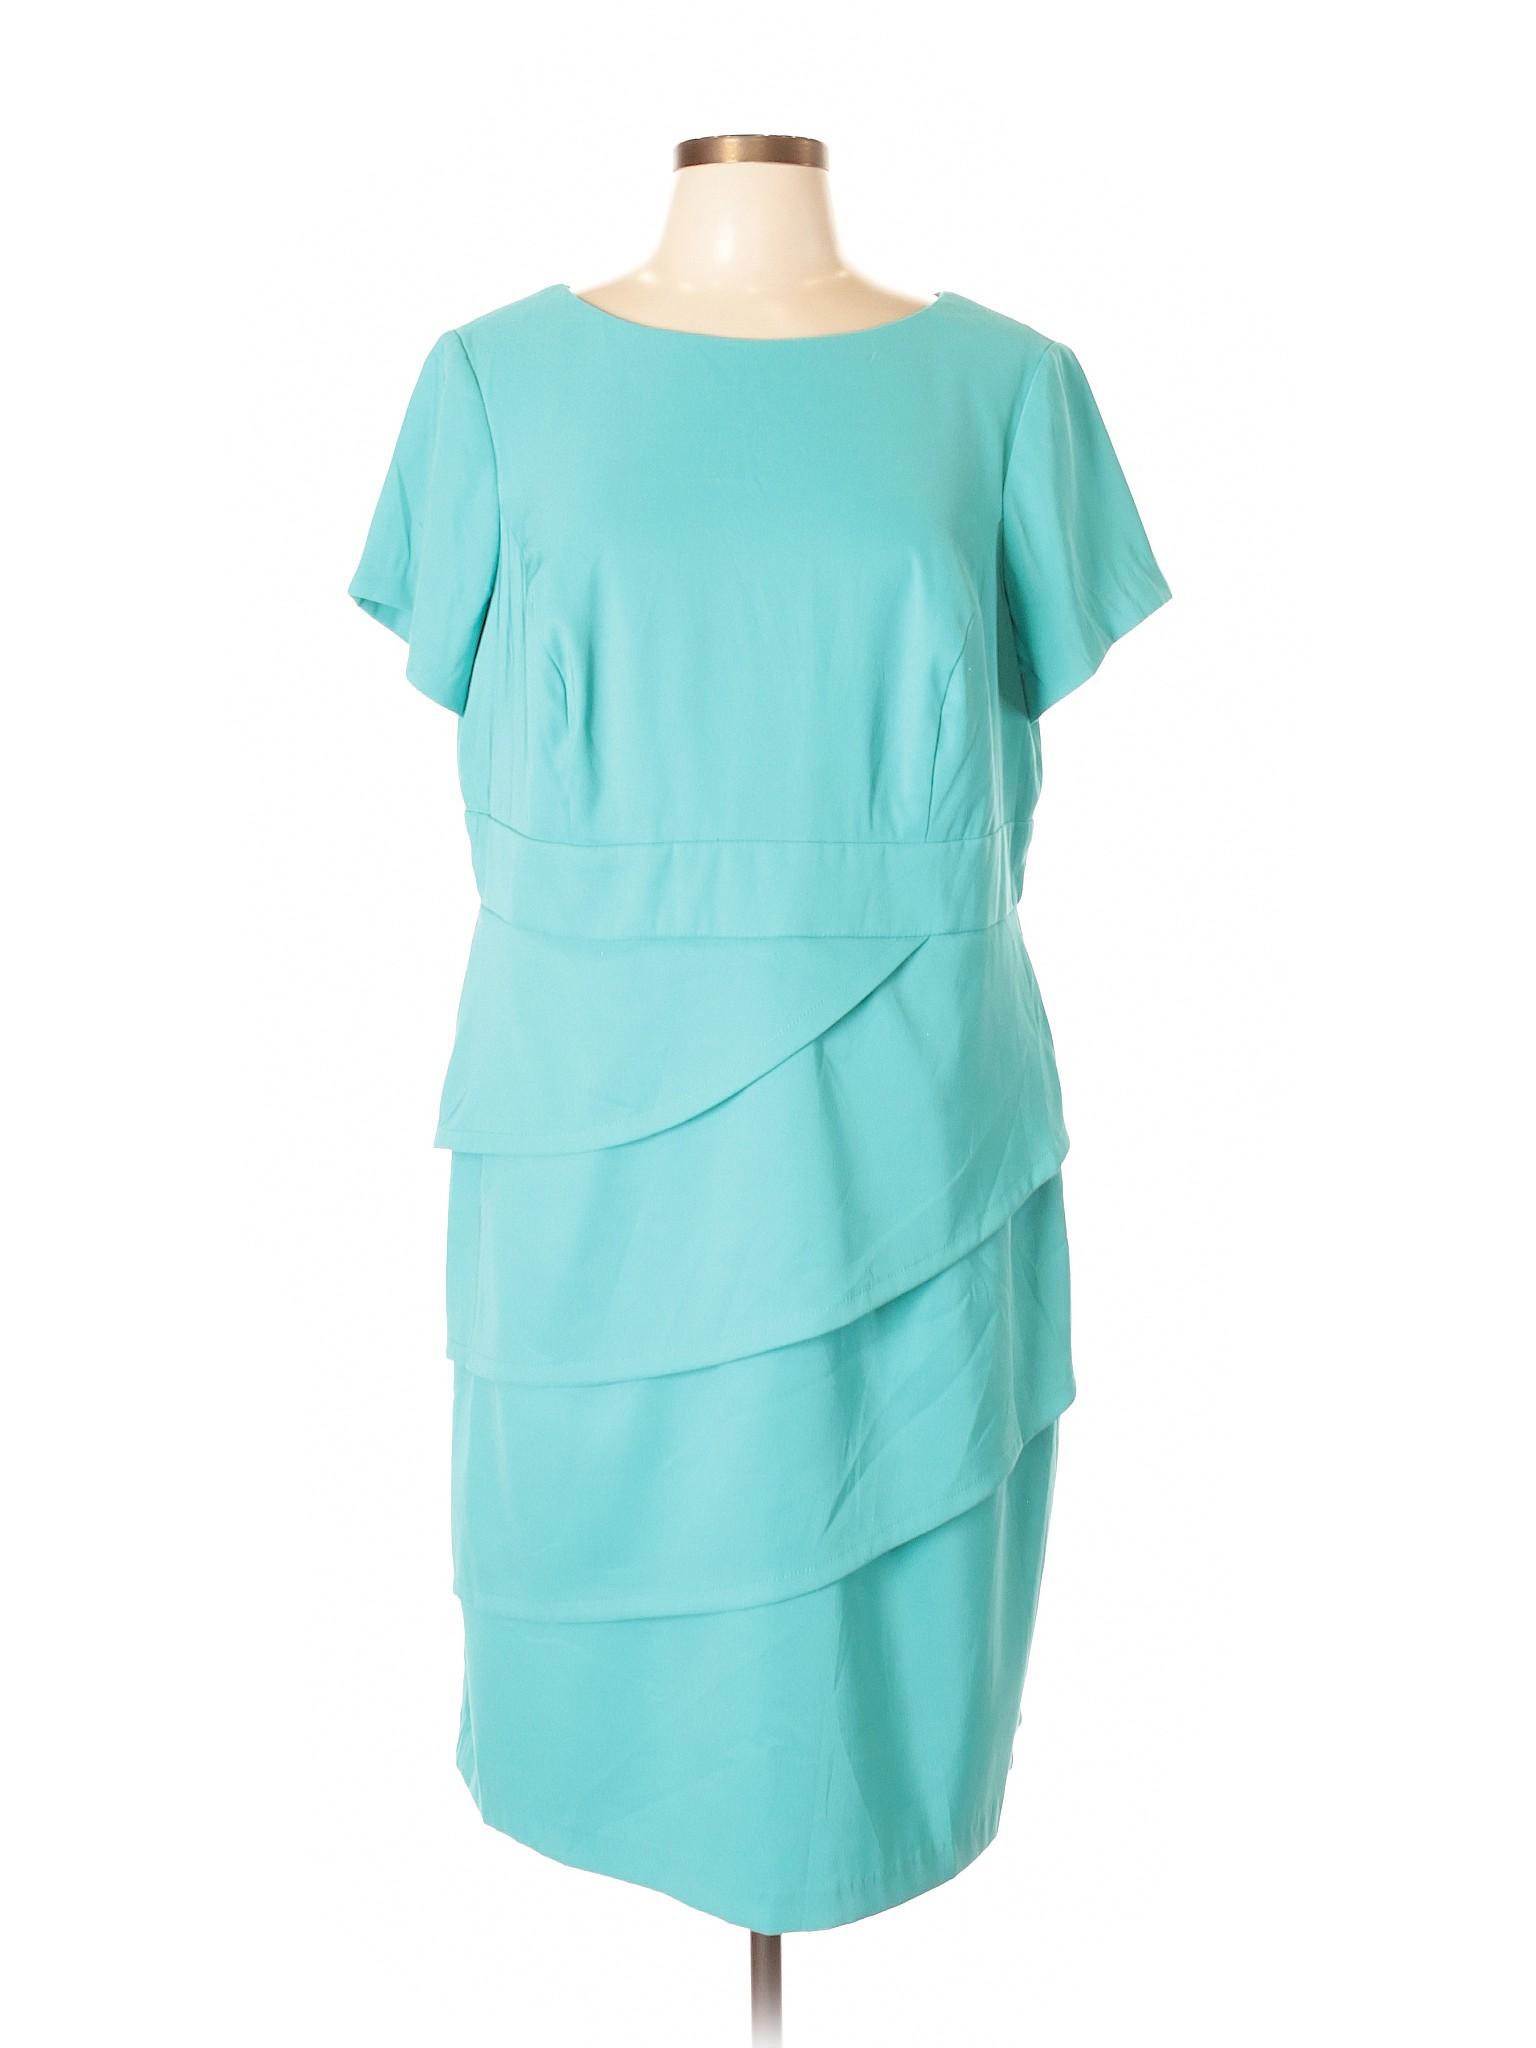 Dress Casual Boutique Dress Boutique Casual winter DressBarn Boutique DressBarn winter nzURzx